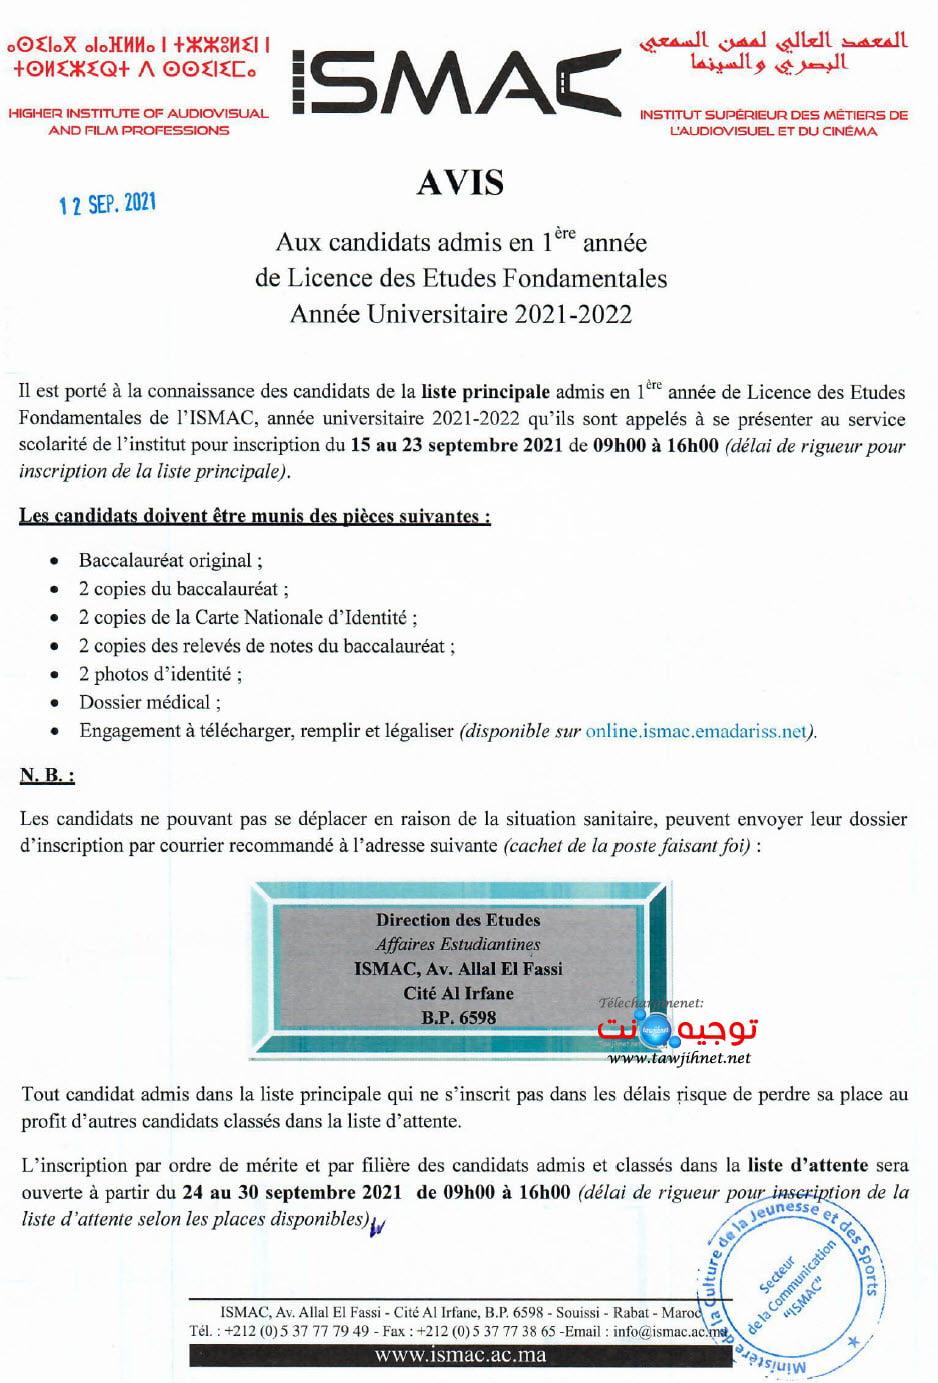 Résultats définitifs Concours ISMAC Rabat 2021 - 2022